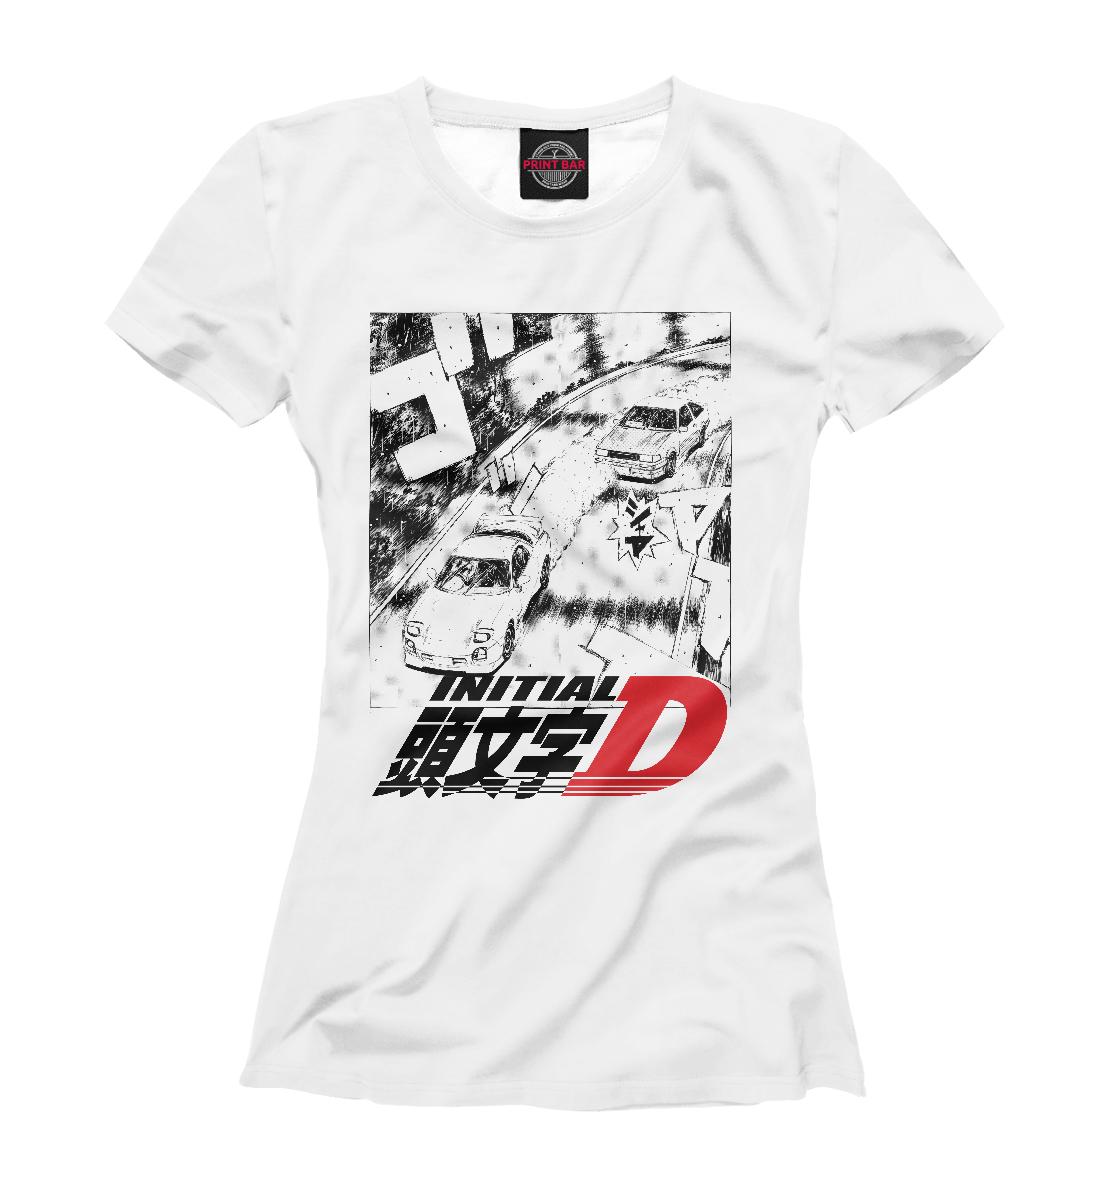 Initial D Drift